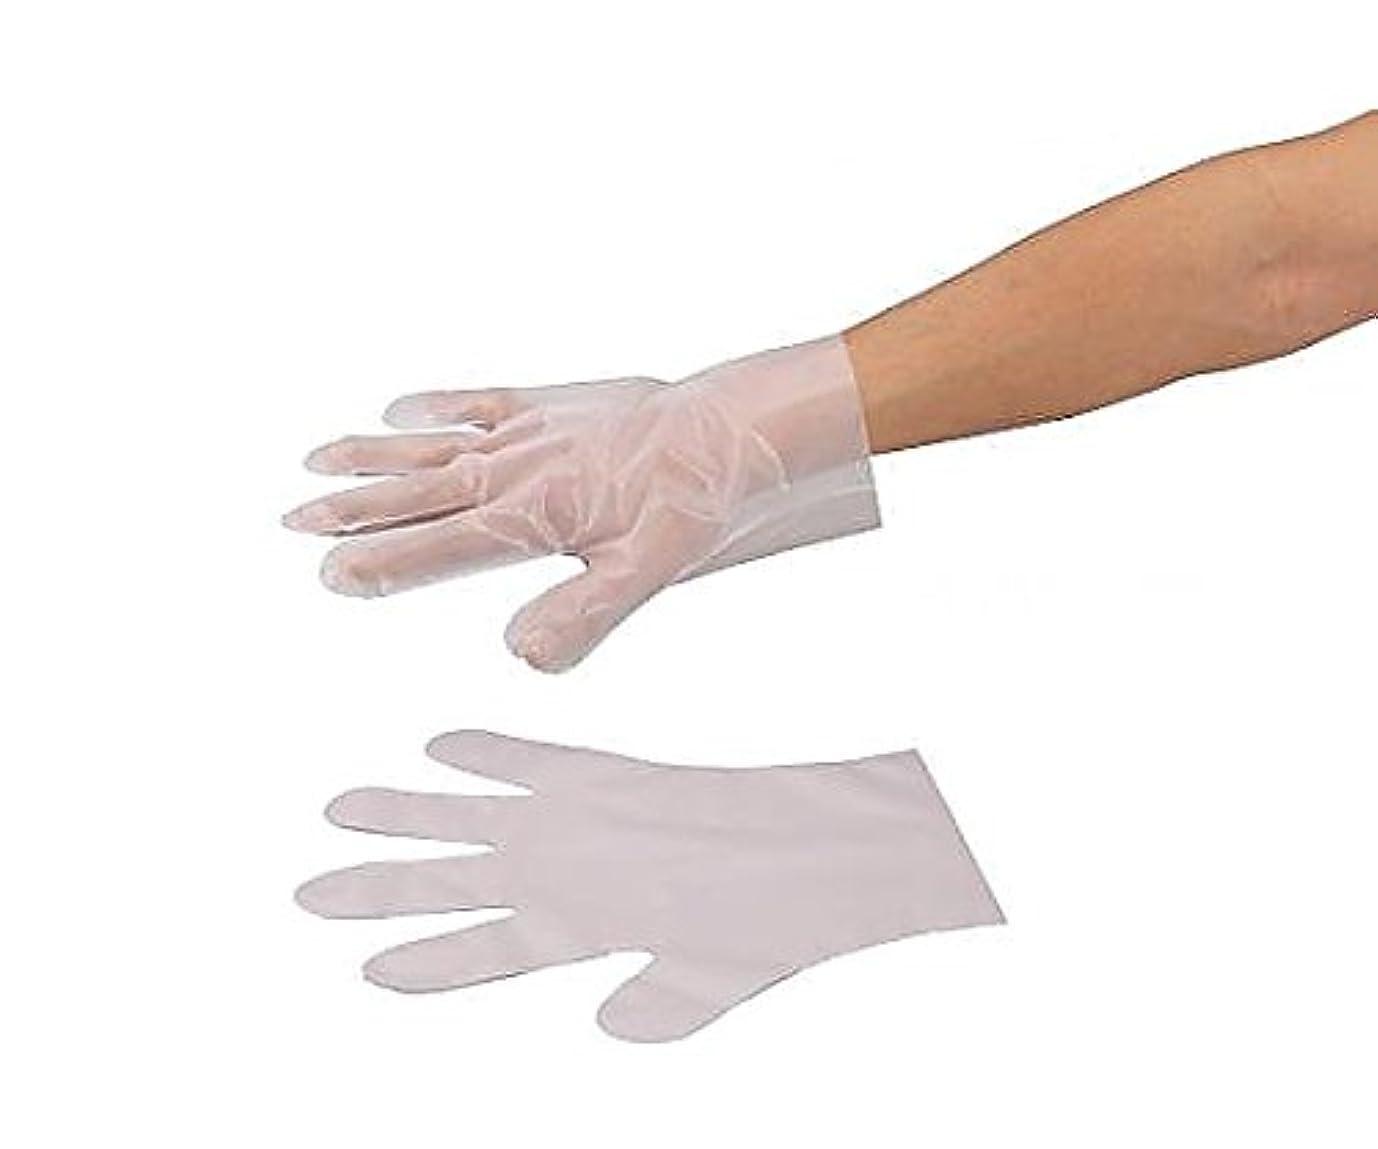 真面目な東ティモールマオリアズワン9-889-03ラボランサニメント手袋(PE?厚手タイプ)エンボス付S10箱+1箱